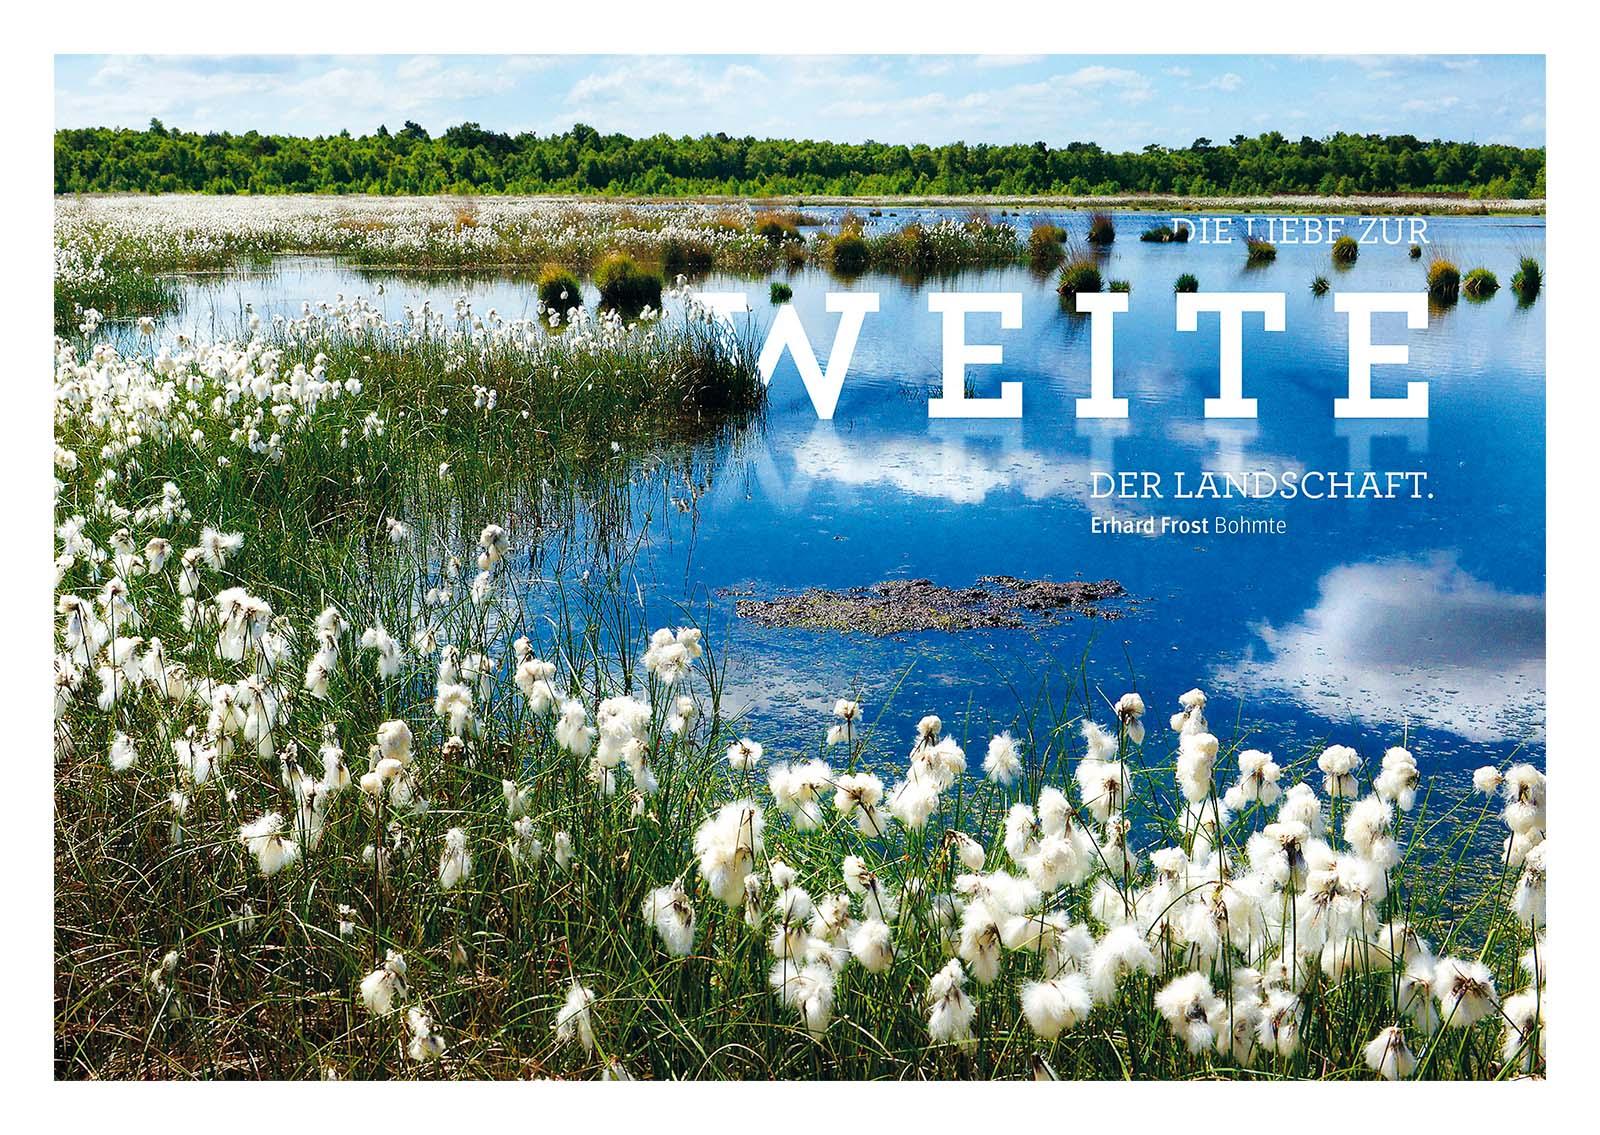 Grafikdesign für TERRA.vita dem Natur- und Geopark. Die Osnabrücker Agentur HASEGOLD entwickelte 9 Postkarten mit einer Mischung aus Typografie und Fotografie